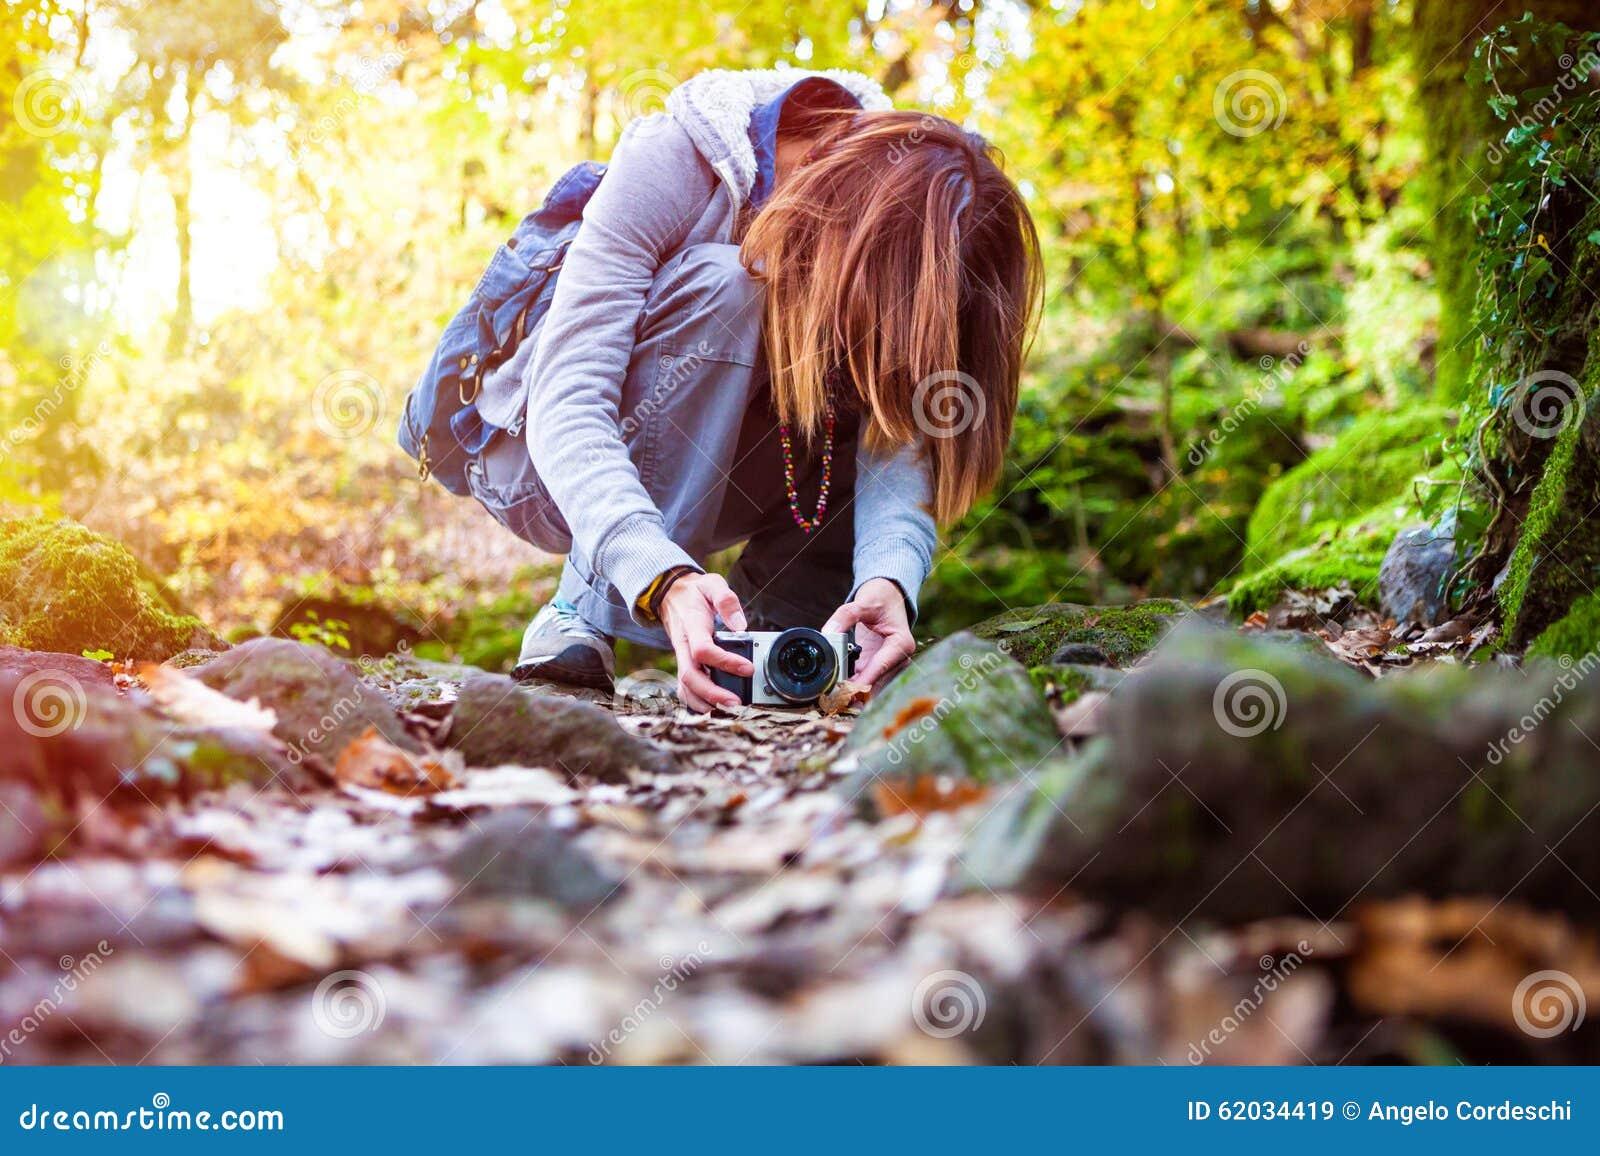 De herfst in Riga, Letland Fotograafvrouw in het boshout